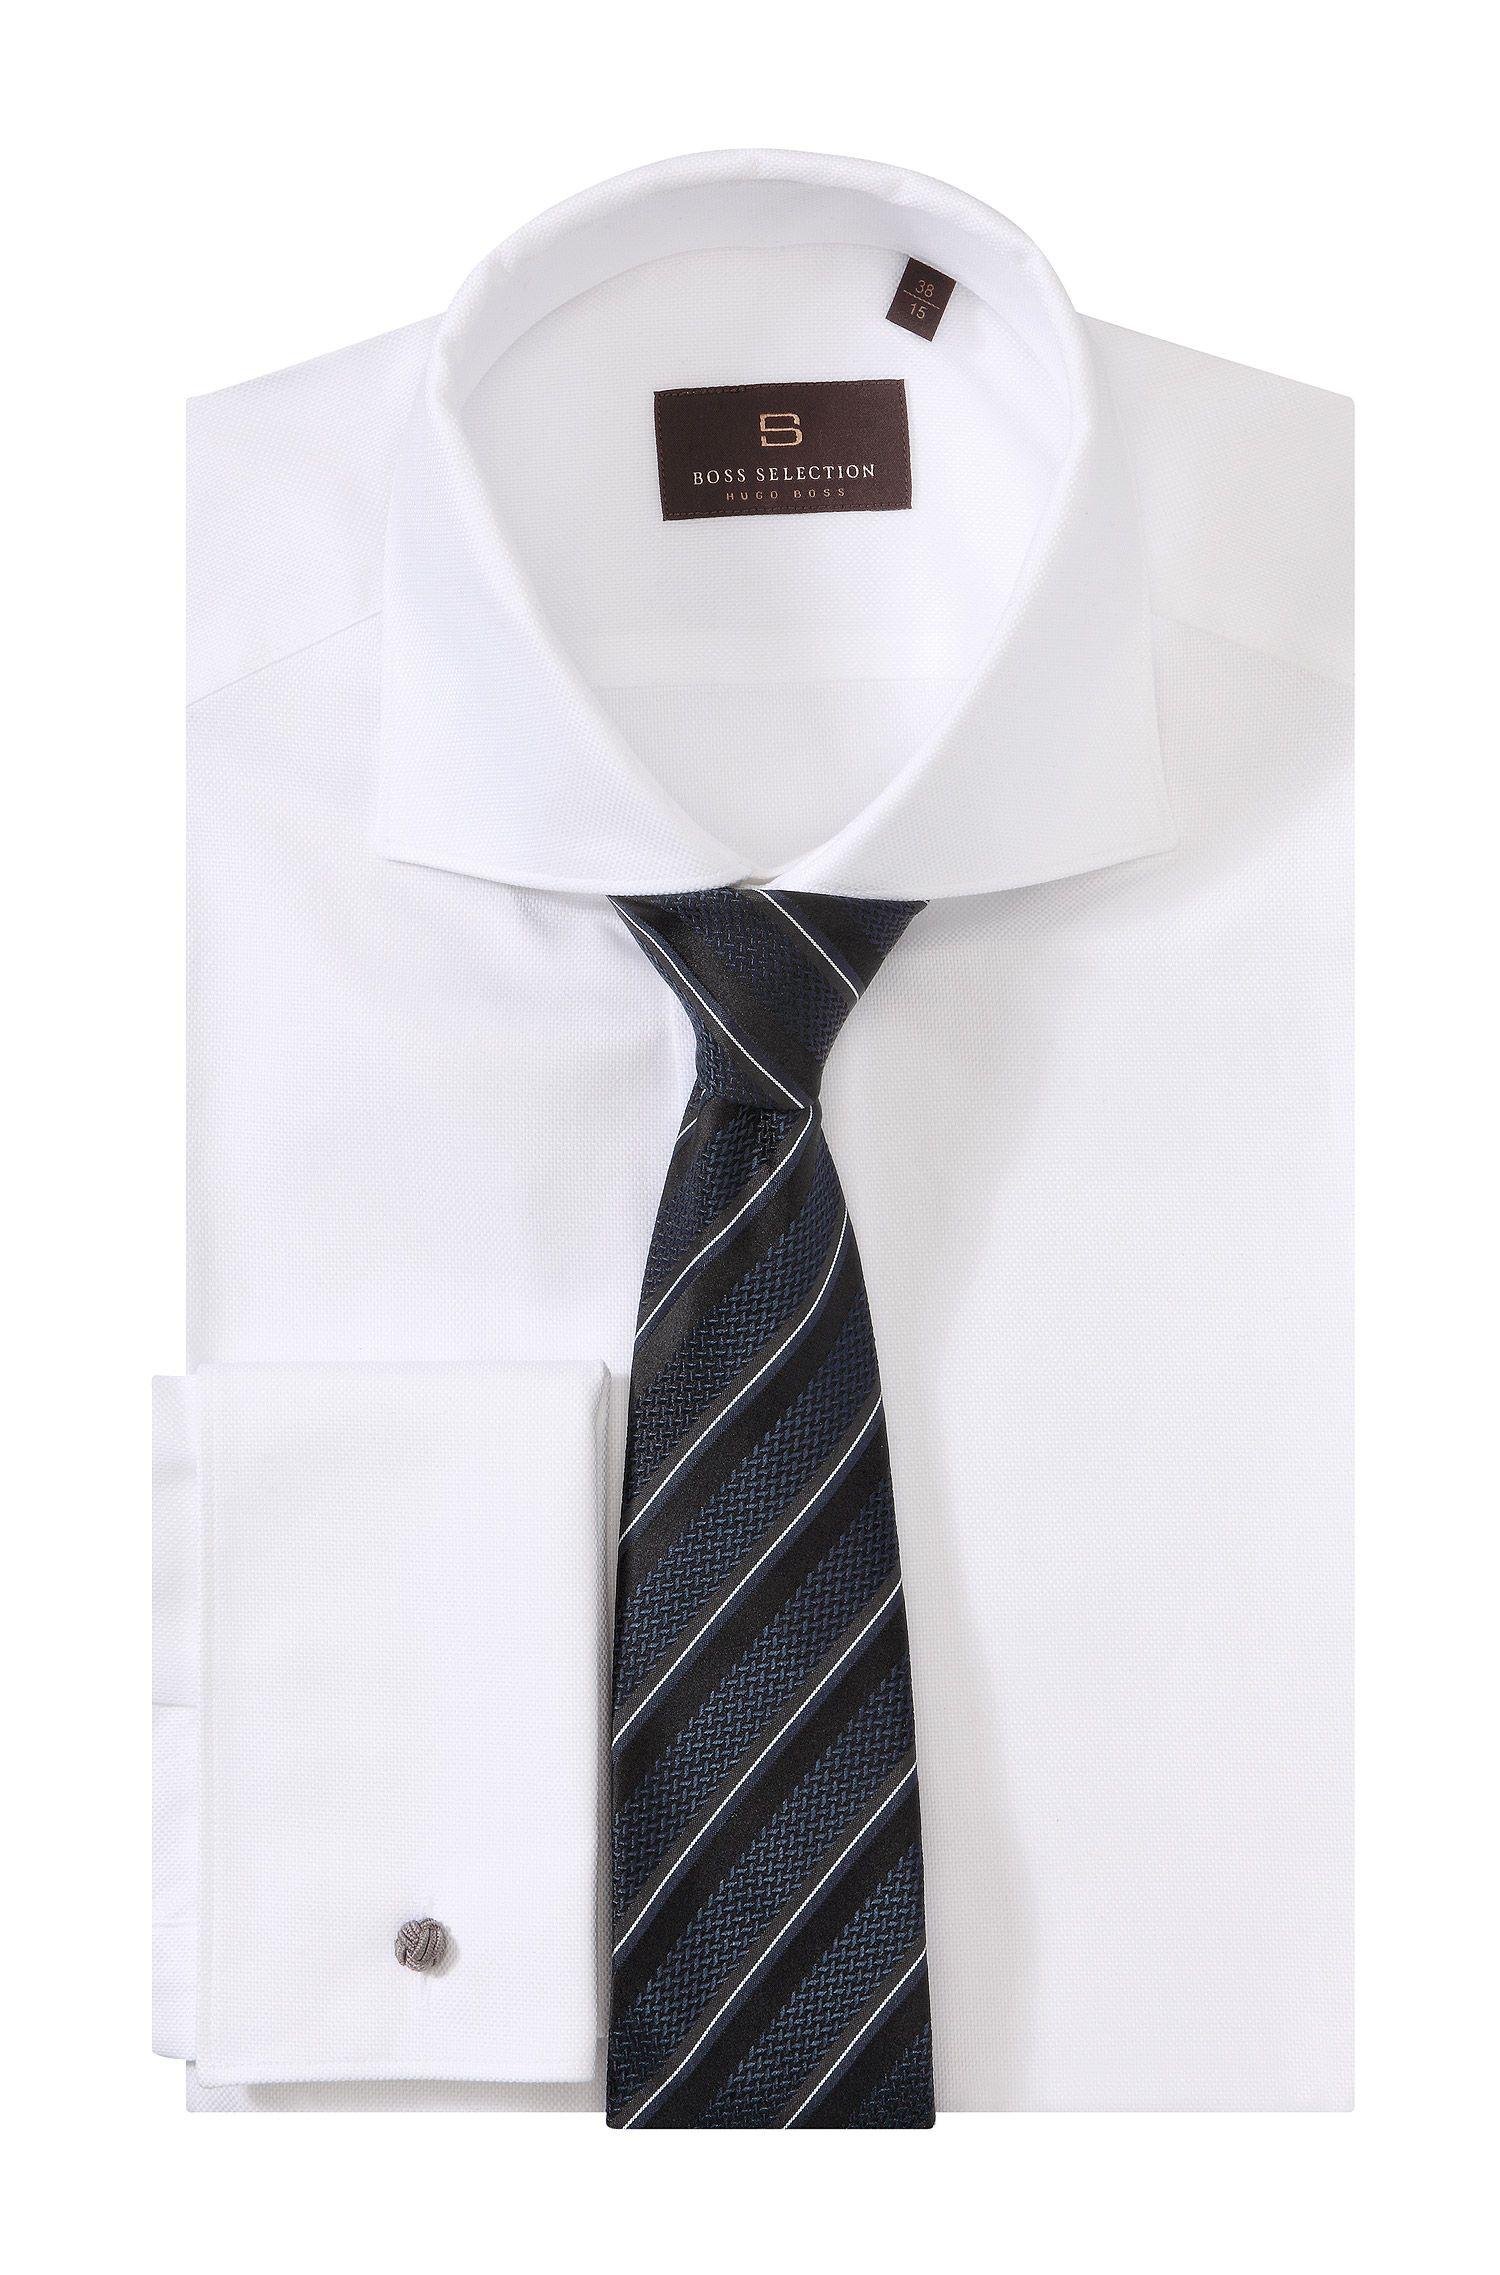 Cravate classique élégante, TIE CM 8